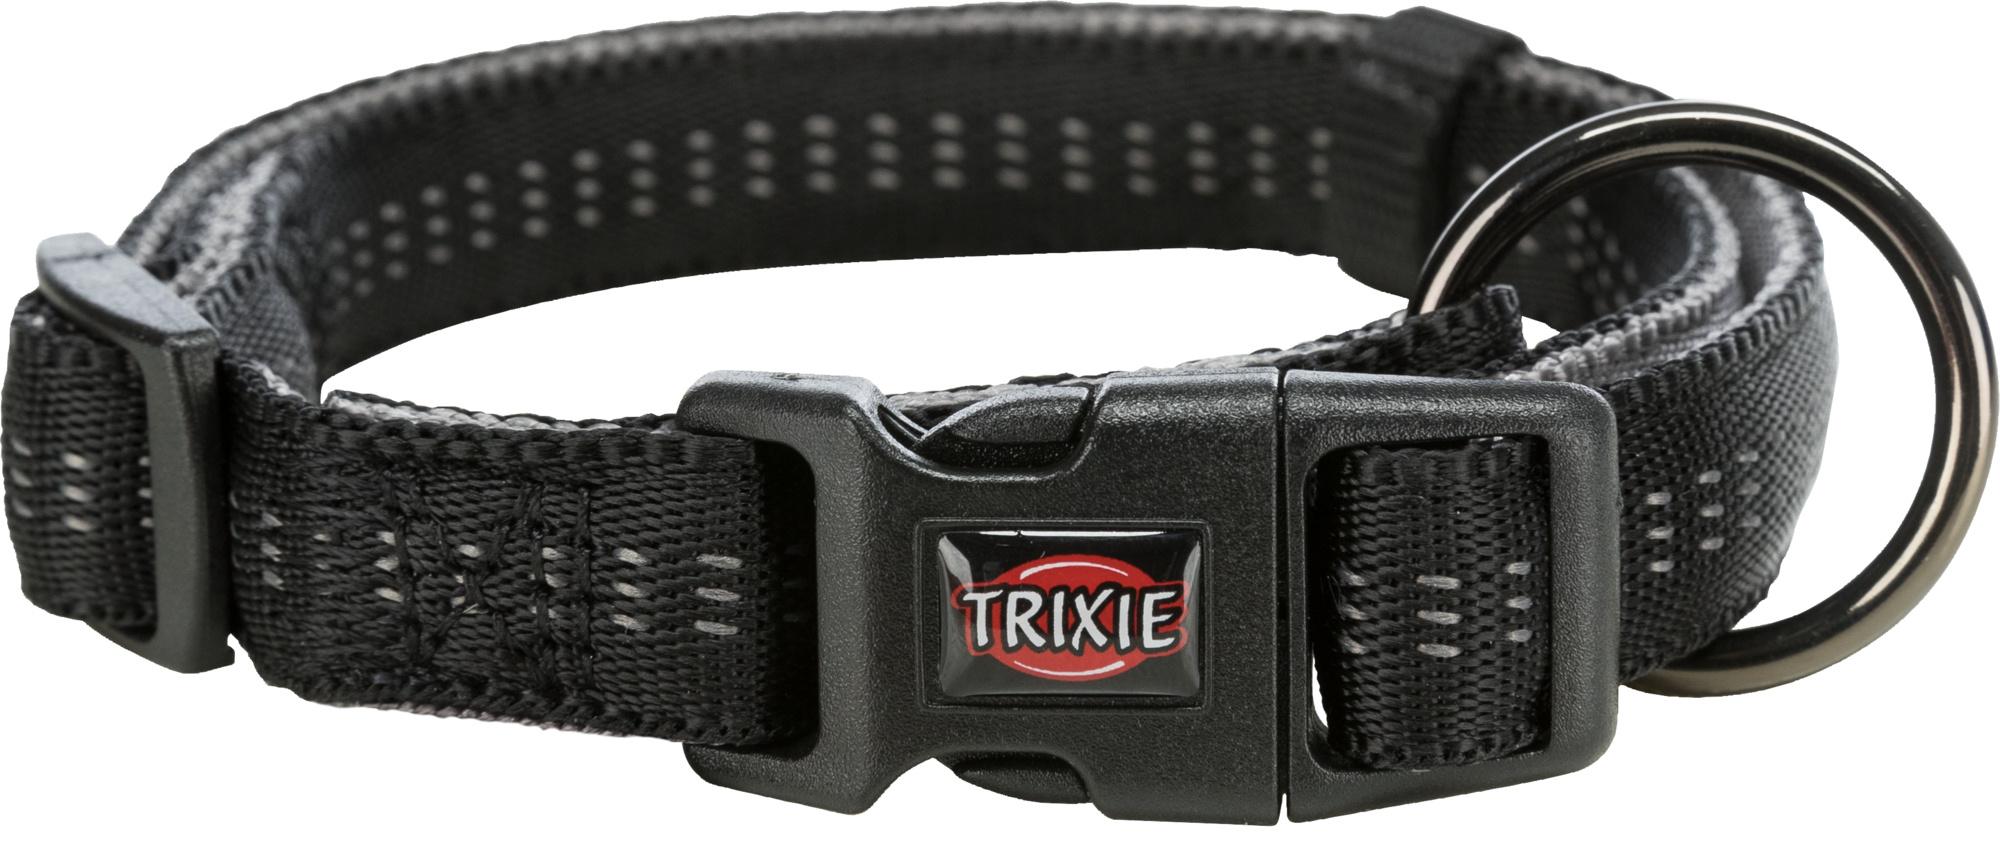 TRIXIE Softline Elegance Halsband TRIXIE Softline Elegance Halsband, S–M: 30–45 cm/15 mm, schwarz/grafit